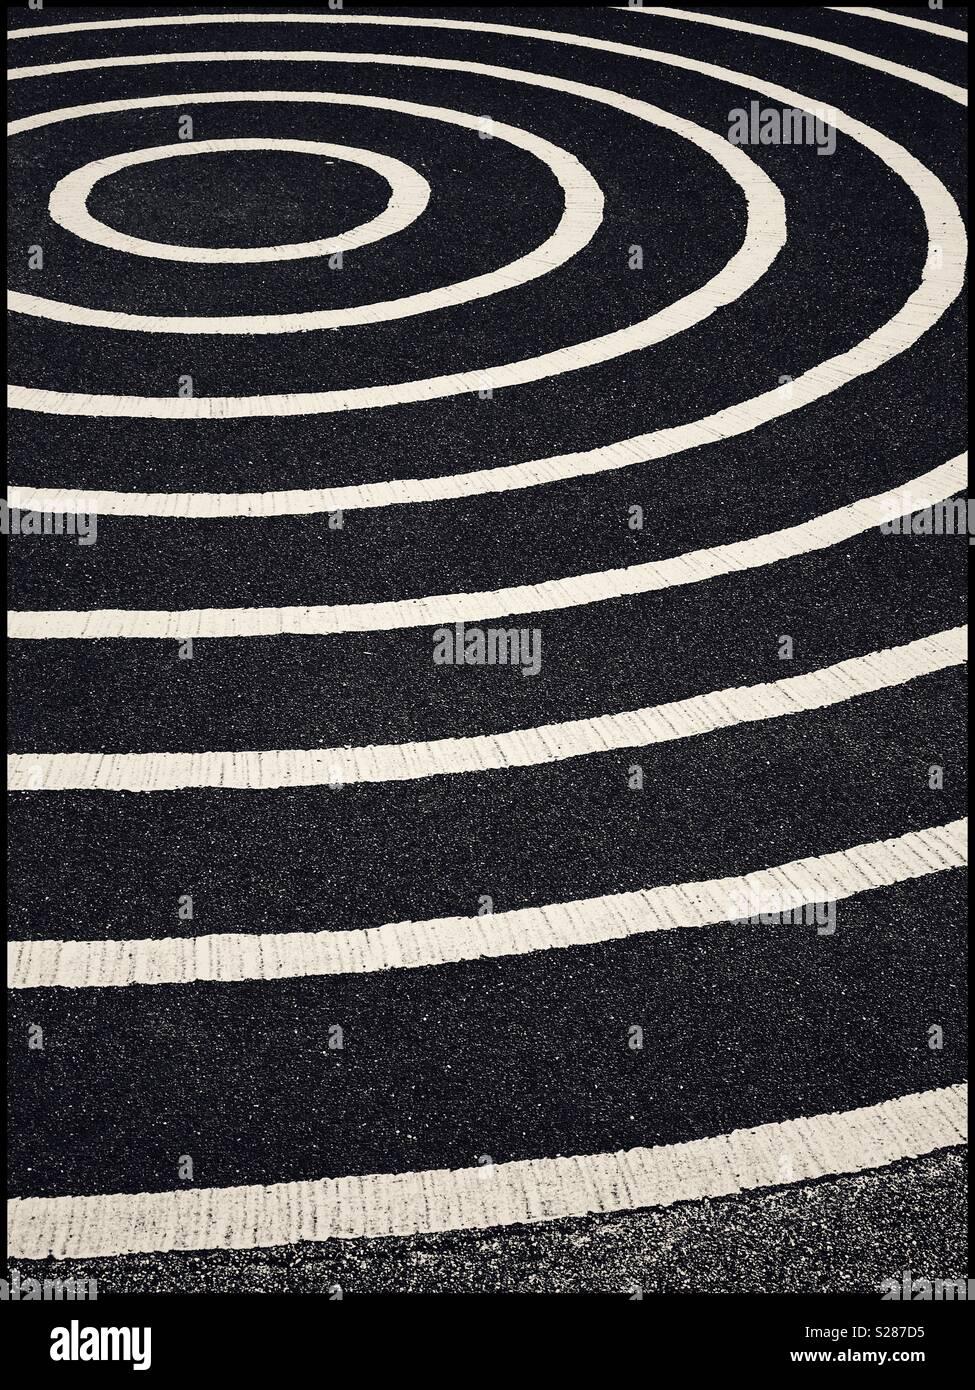 Un gráfico, imagen monocroma de círculos concéntricos, pintadas sobre una gran superficie de asfalto (asfalto). Una imagen con múltiples usos potenciales. Crédito de la Foto: © COLIN HOSKINS. Imagen De Stock